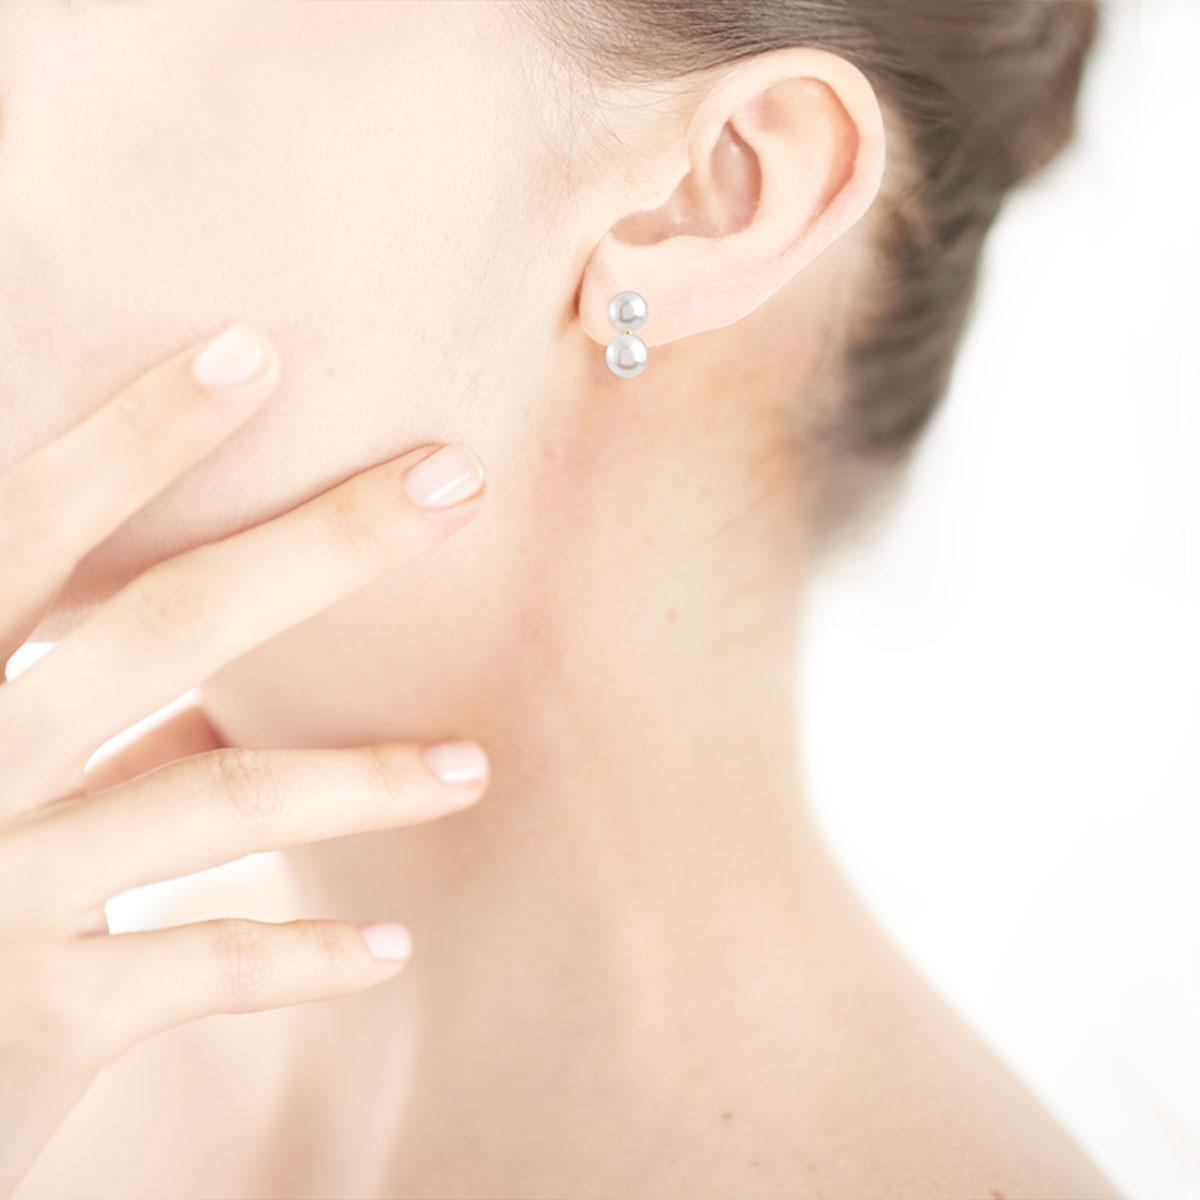 Boucle d oreille femme japon bijoux de la saison 2018 - Range boucle d oreille ...